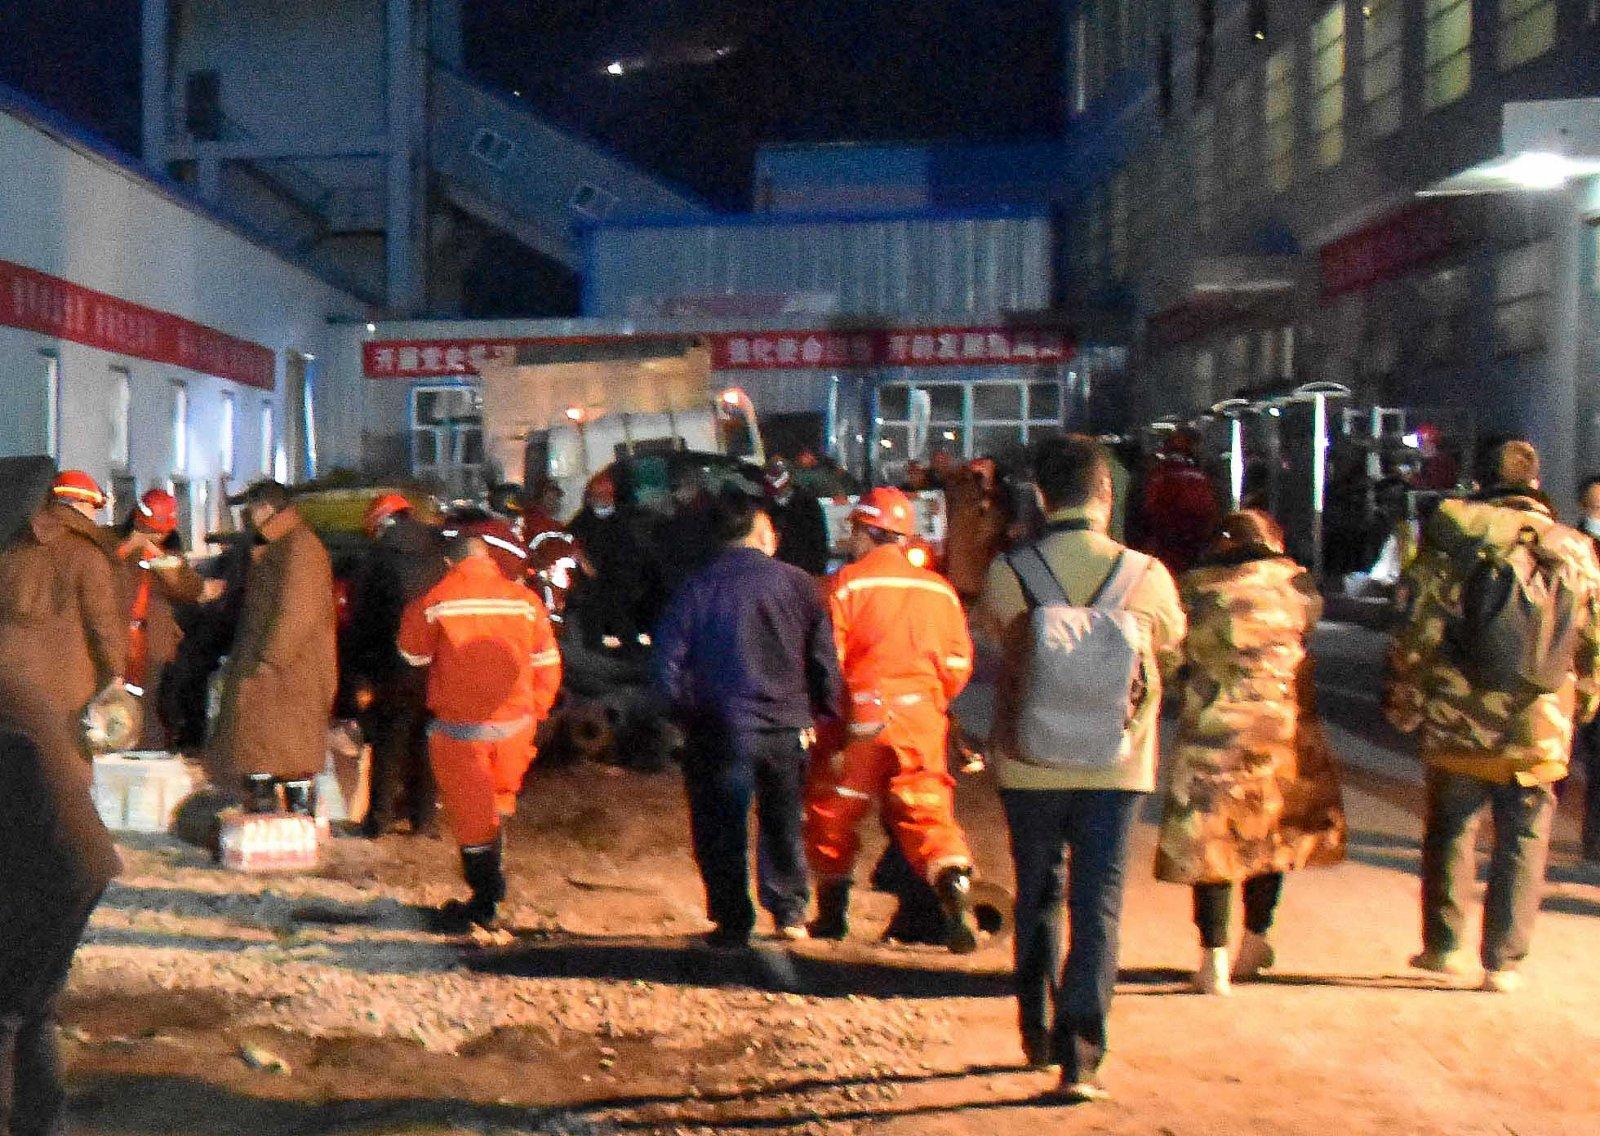 這是4月11日拍攝的新疆昌吉回族自治州呼圖壁縣雀爾溝鎮豐源煤礦事故救援現場。(新華社)